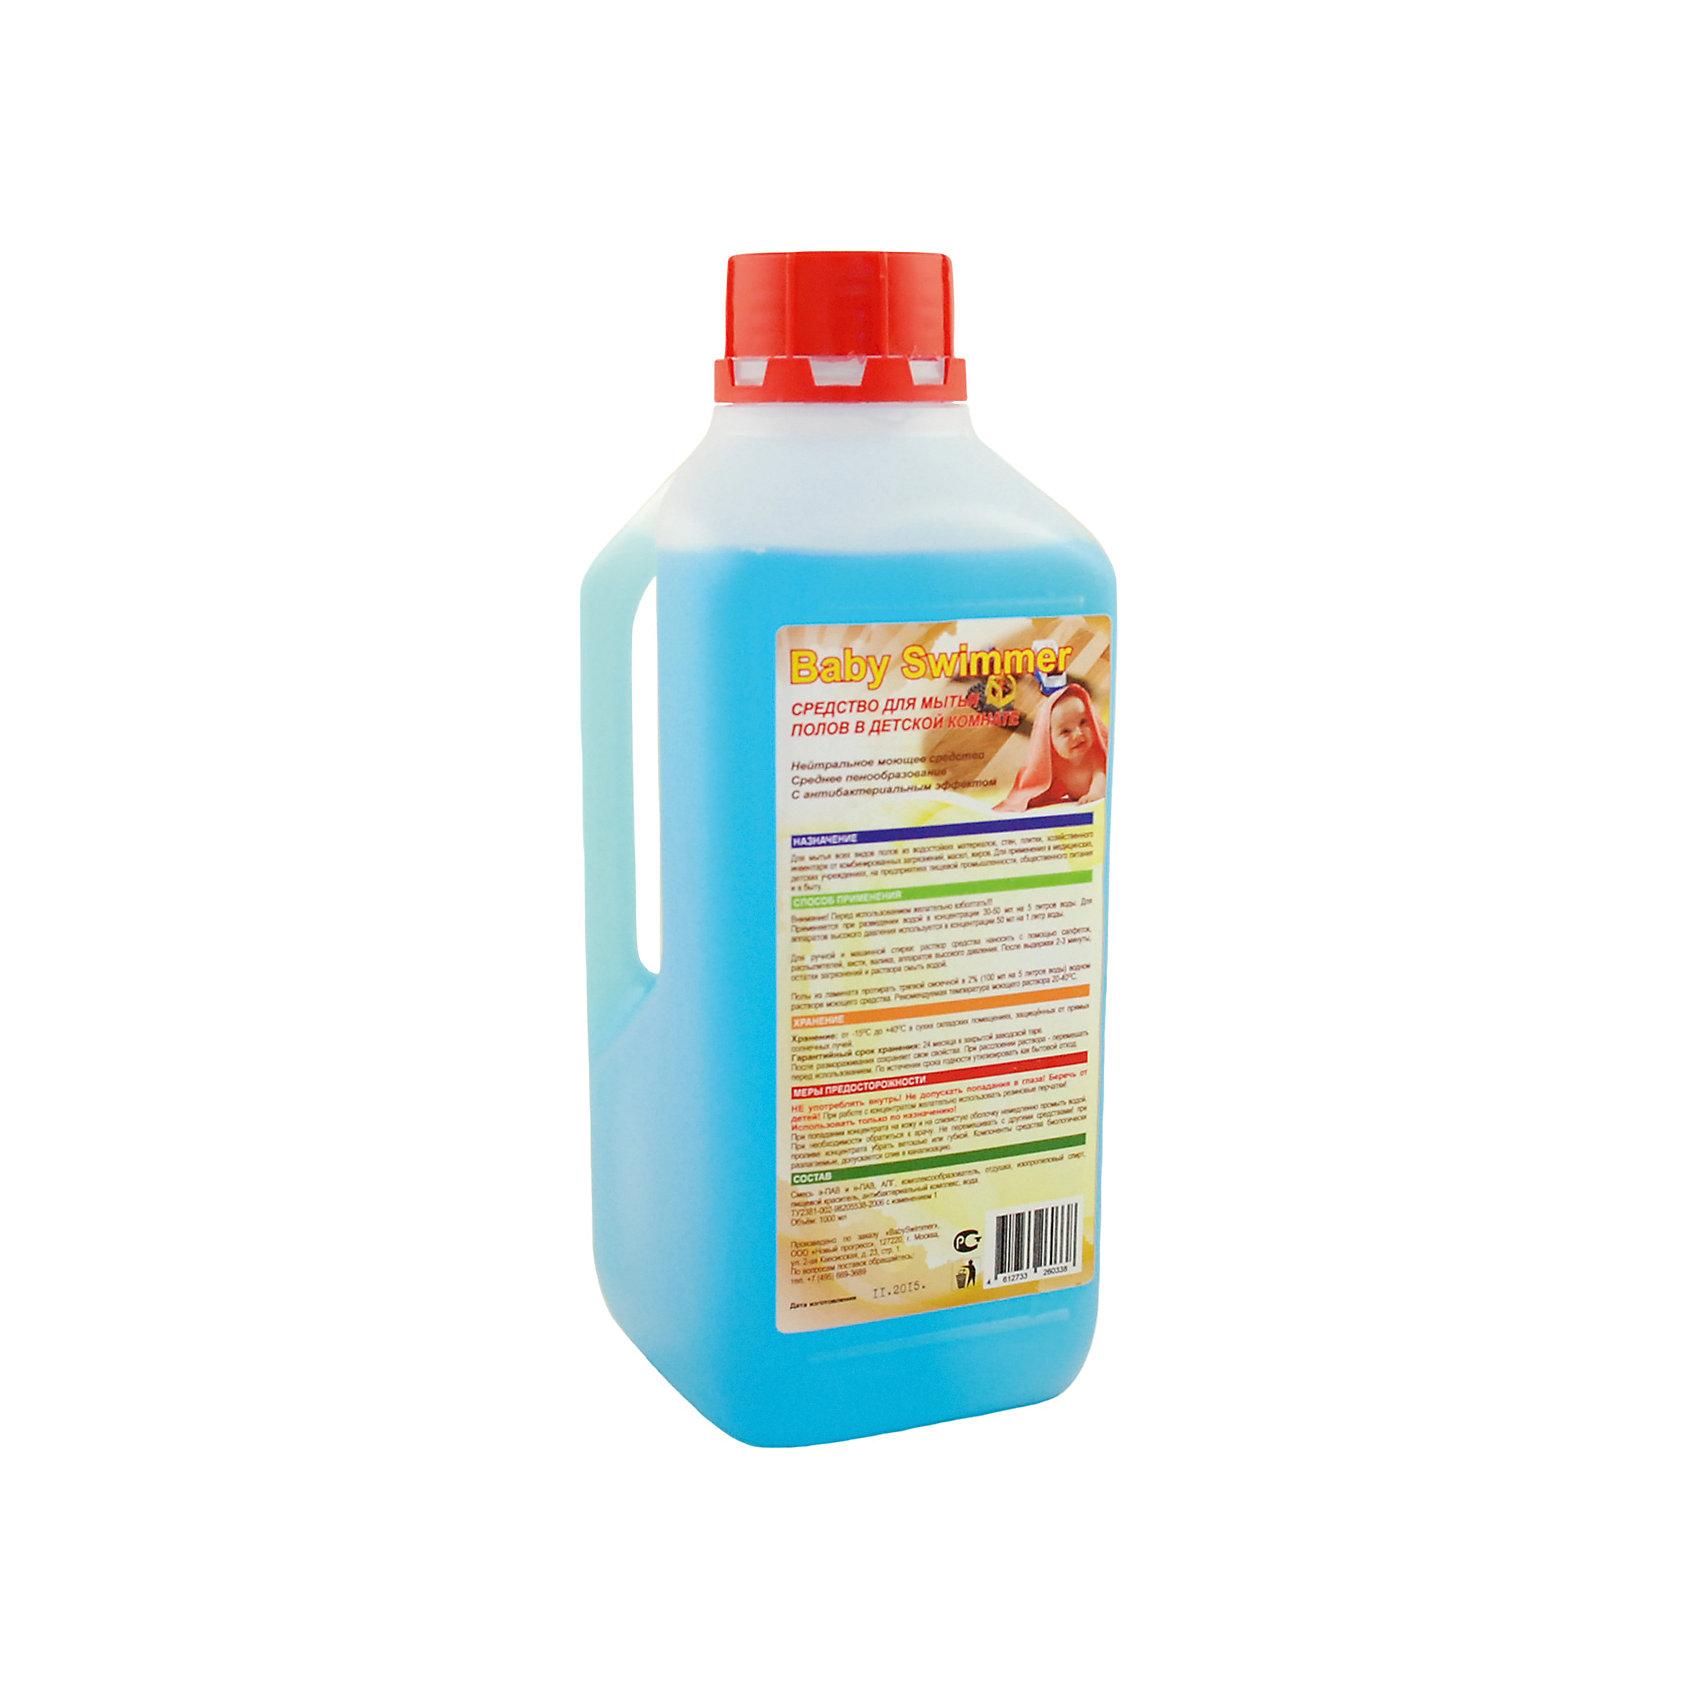 Жидкое средство для мытья полов в детской комнате Baby Swimmer, 1000 мл